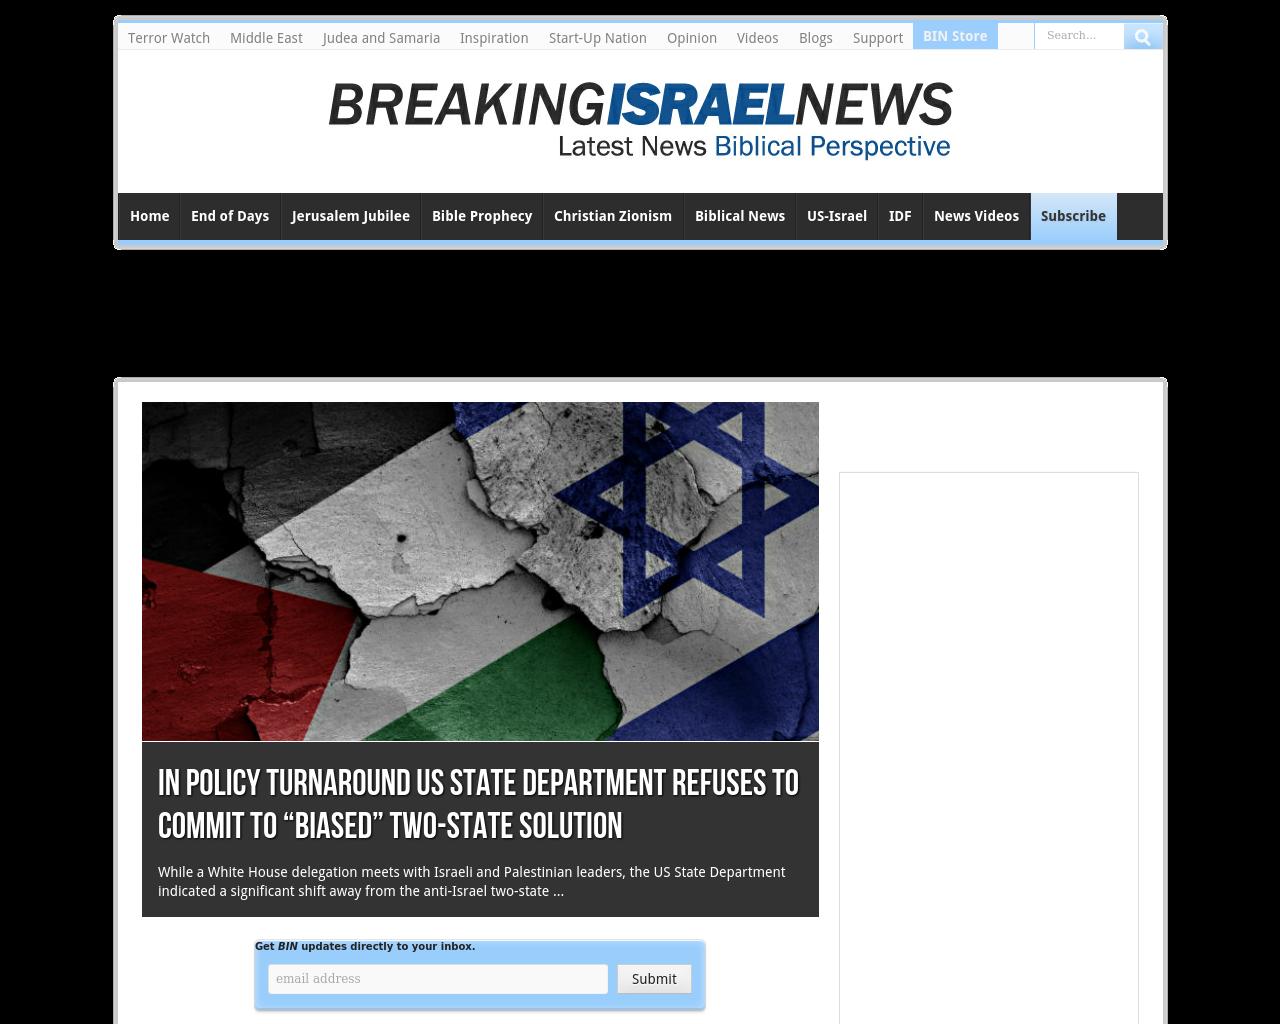 Breaking-Israel-News-Advertising-Reviews-Pricing